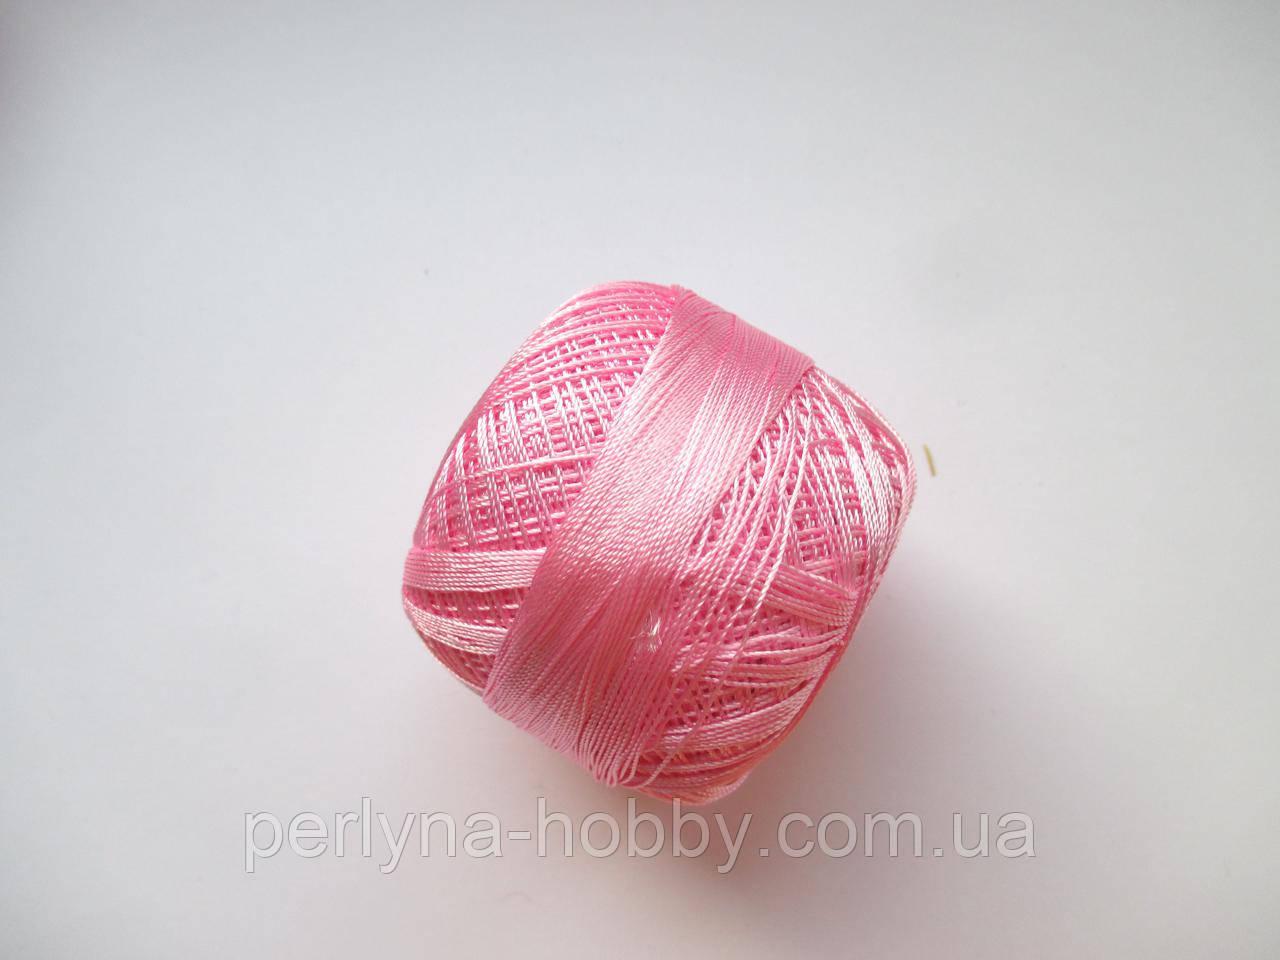 Нитки поліестер (штучний шовк)  для в'язання, вишикання типу Ірис ( Iris ) 20 грам, рожевий світлий